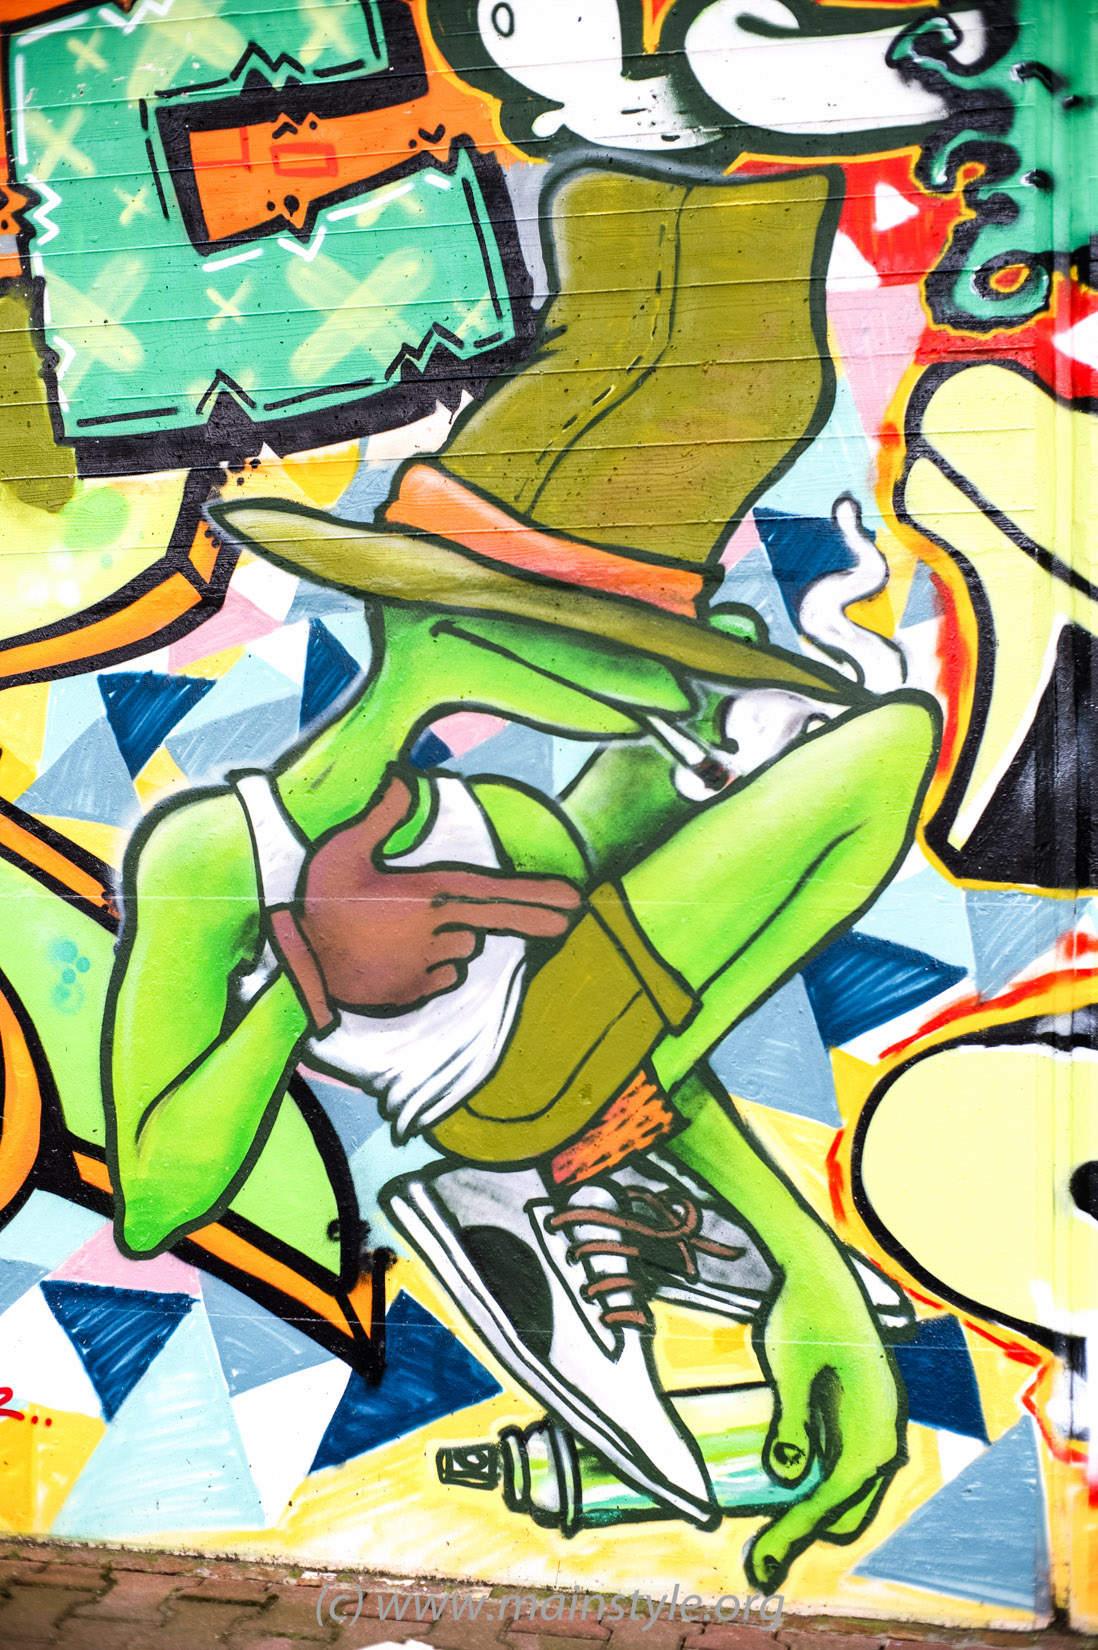 Frankfurt-Höchst_Graffiti_Süwag-Wall_2012 (11 von 35)